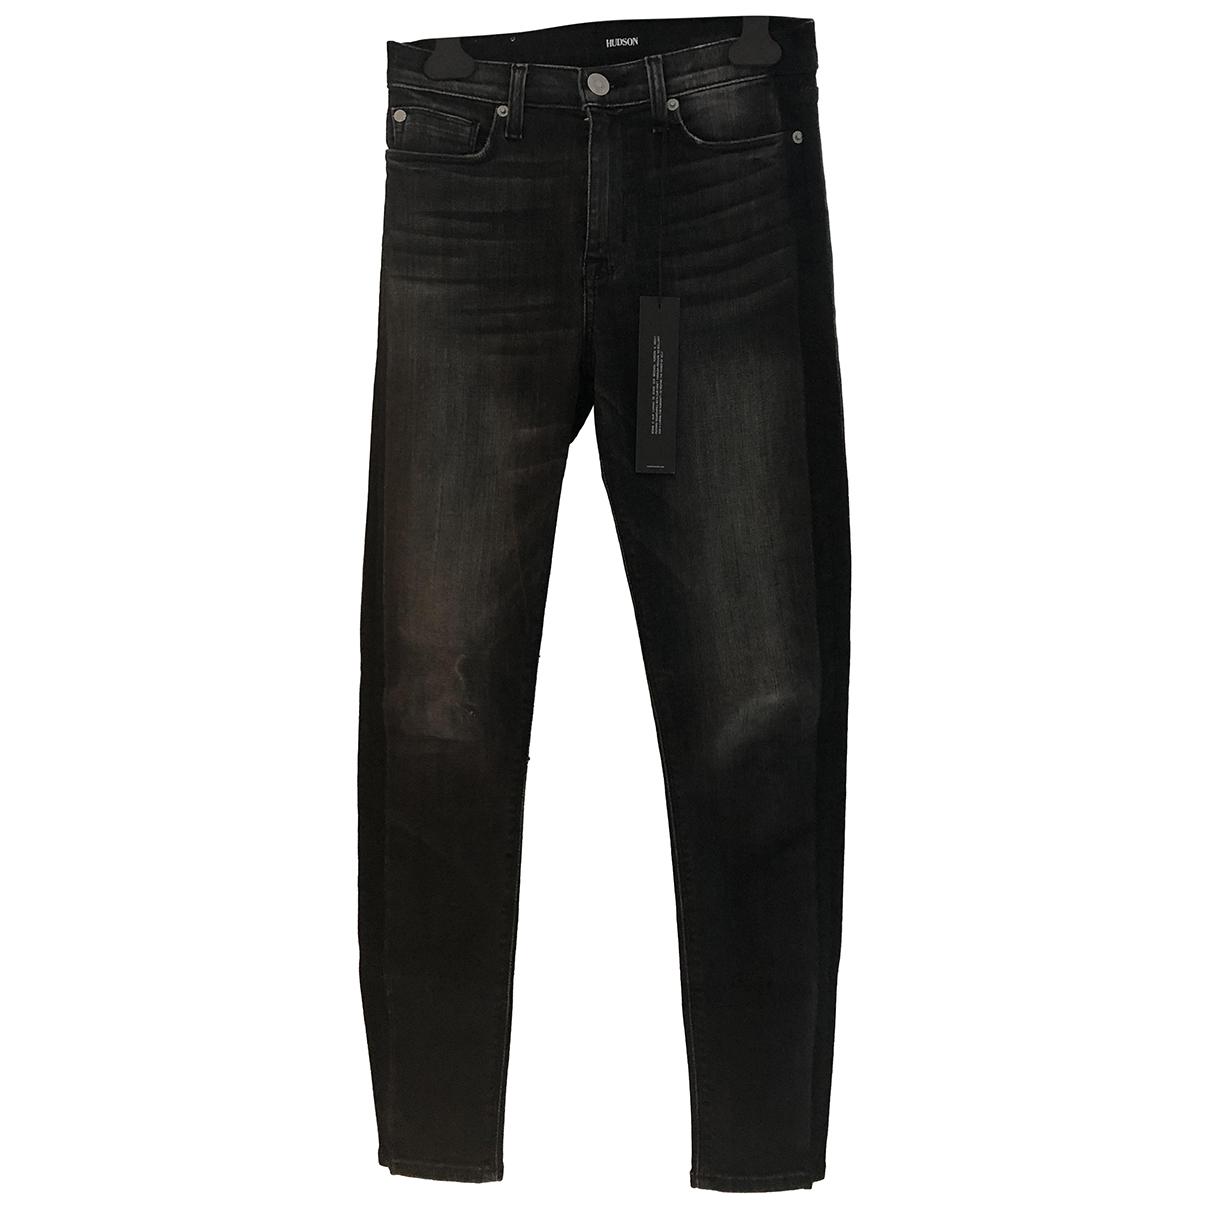 Hudson - Jean   pour femme en coton - anthracite